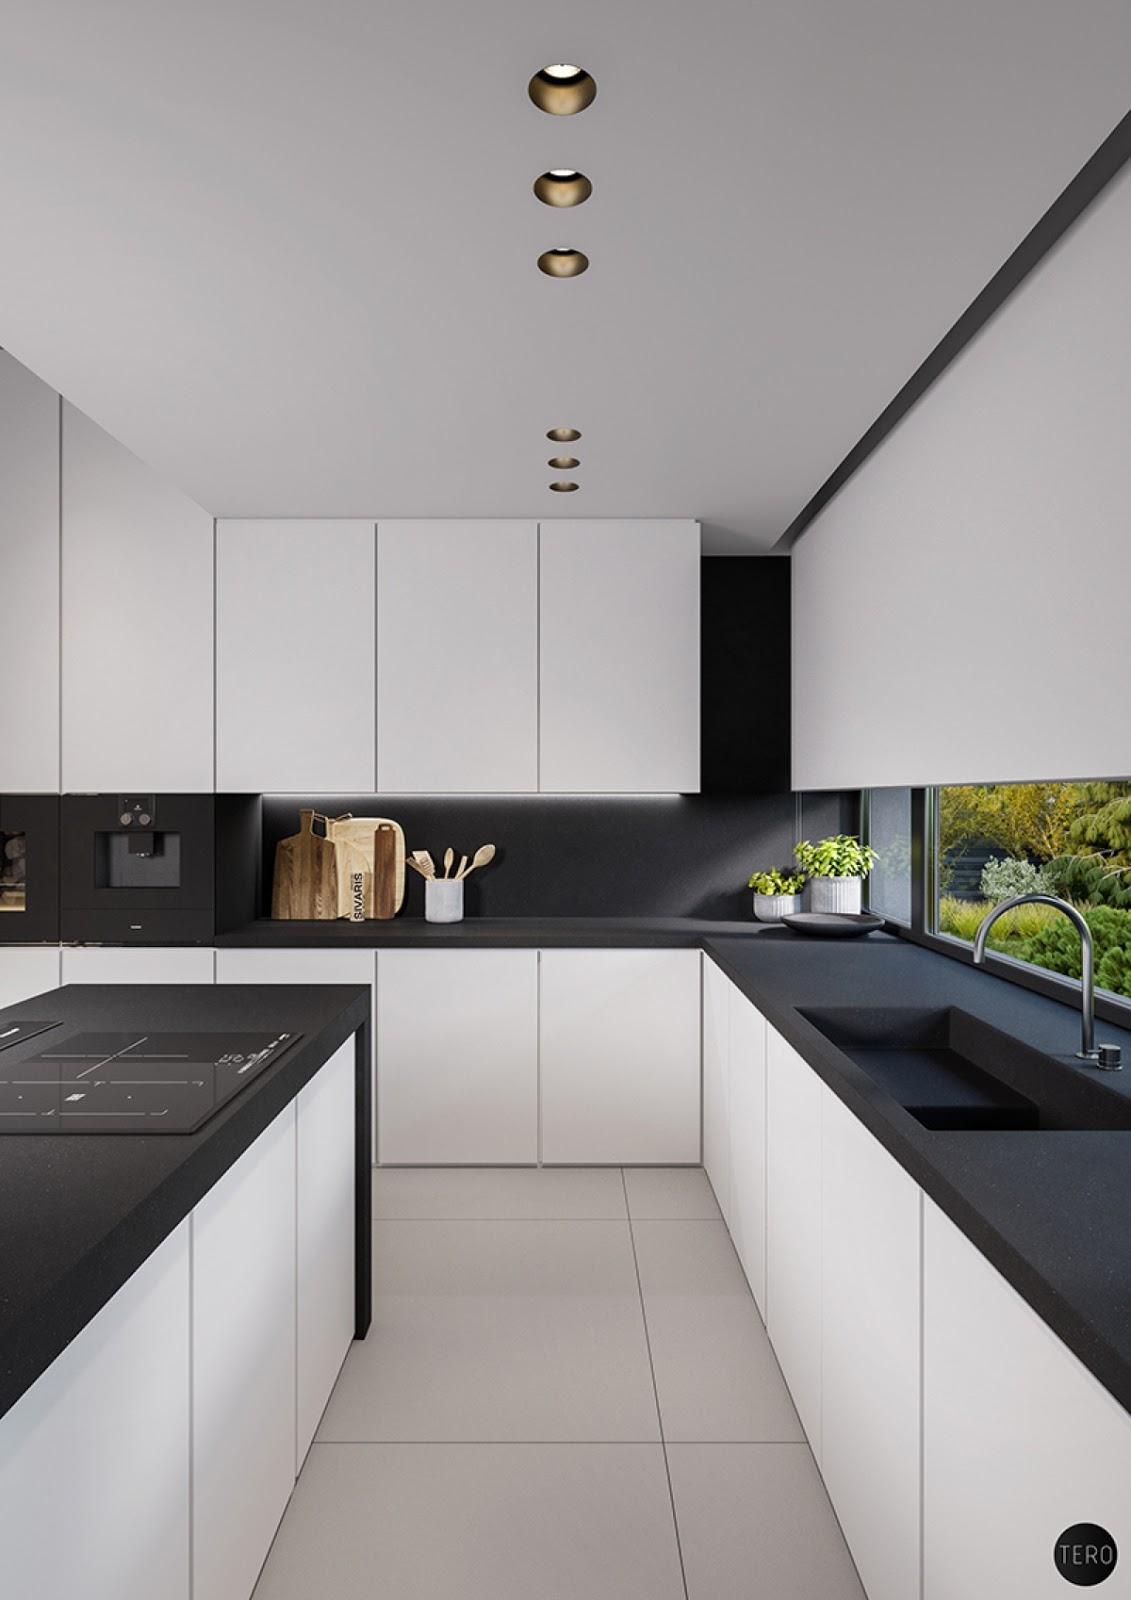 40 Desain Dapur Mewah Bernuansa Hitam Putih